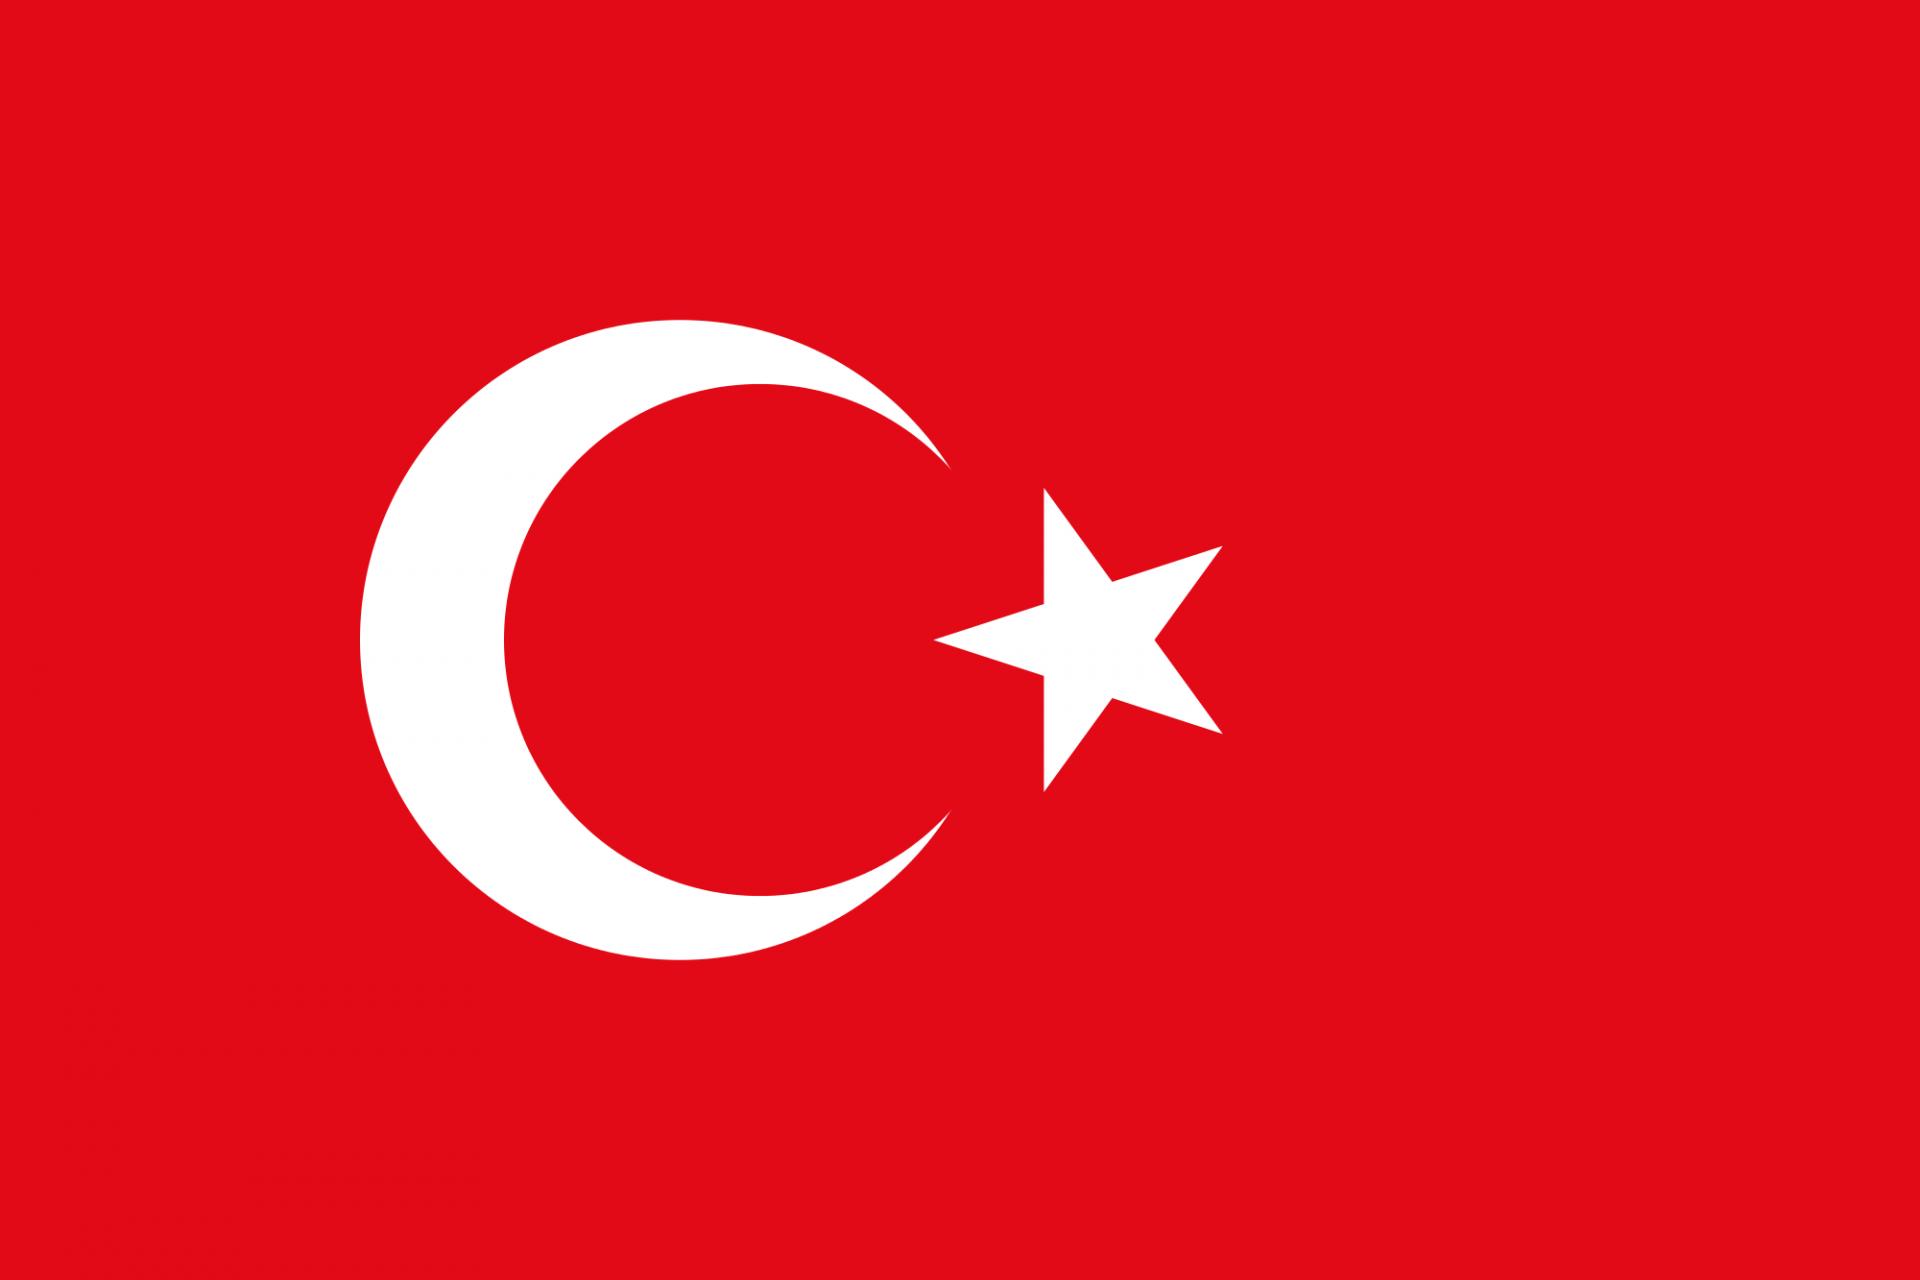 Türkiye Cumhuriyeti Bayrağı. Türk Bayrağındaki Ay Ve Yıldızın Kökeni Flag Of Turkey